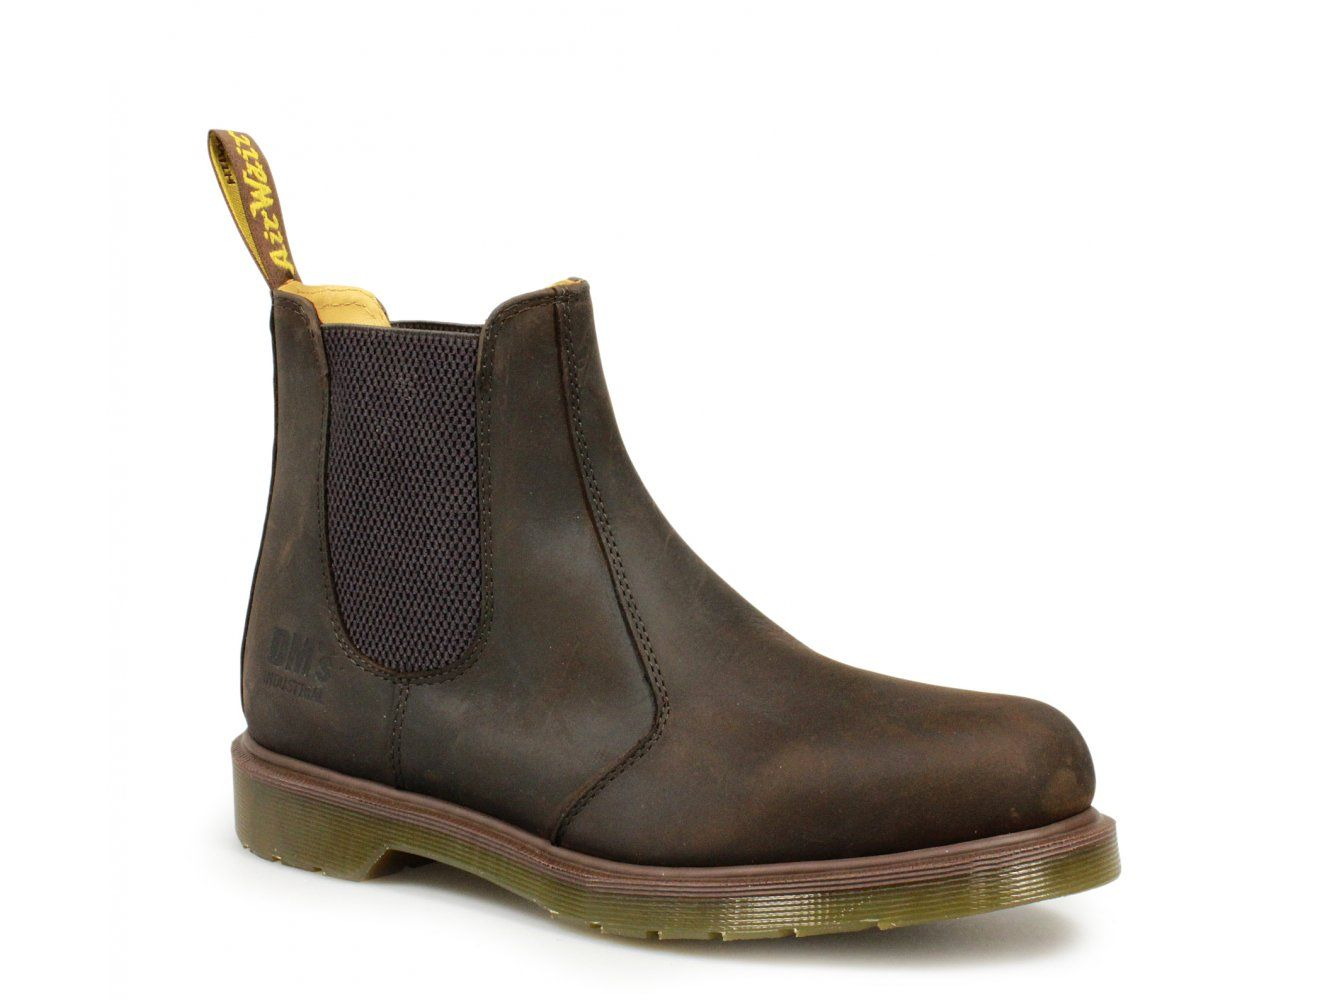 dr martens brown chelsea boot - Google zoeken | Brown ...